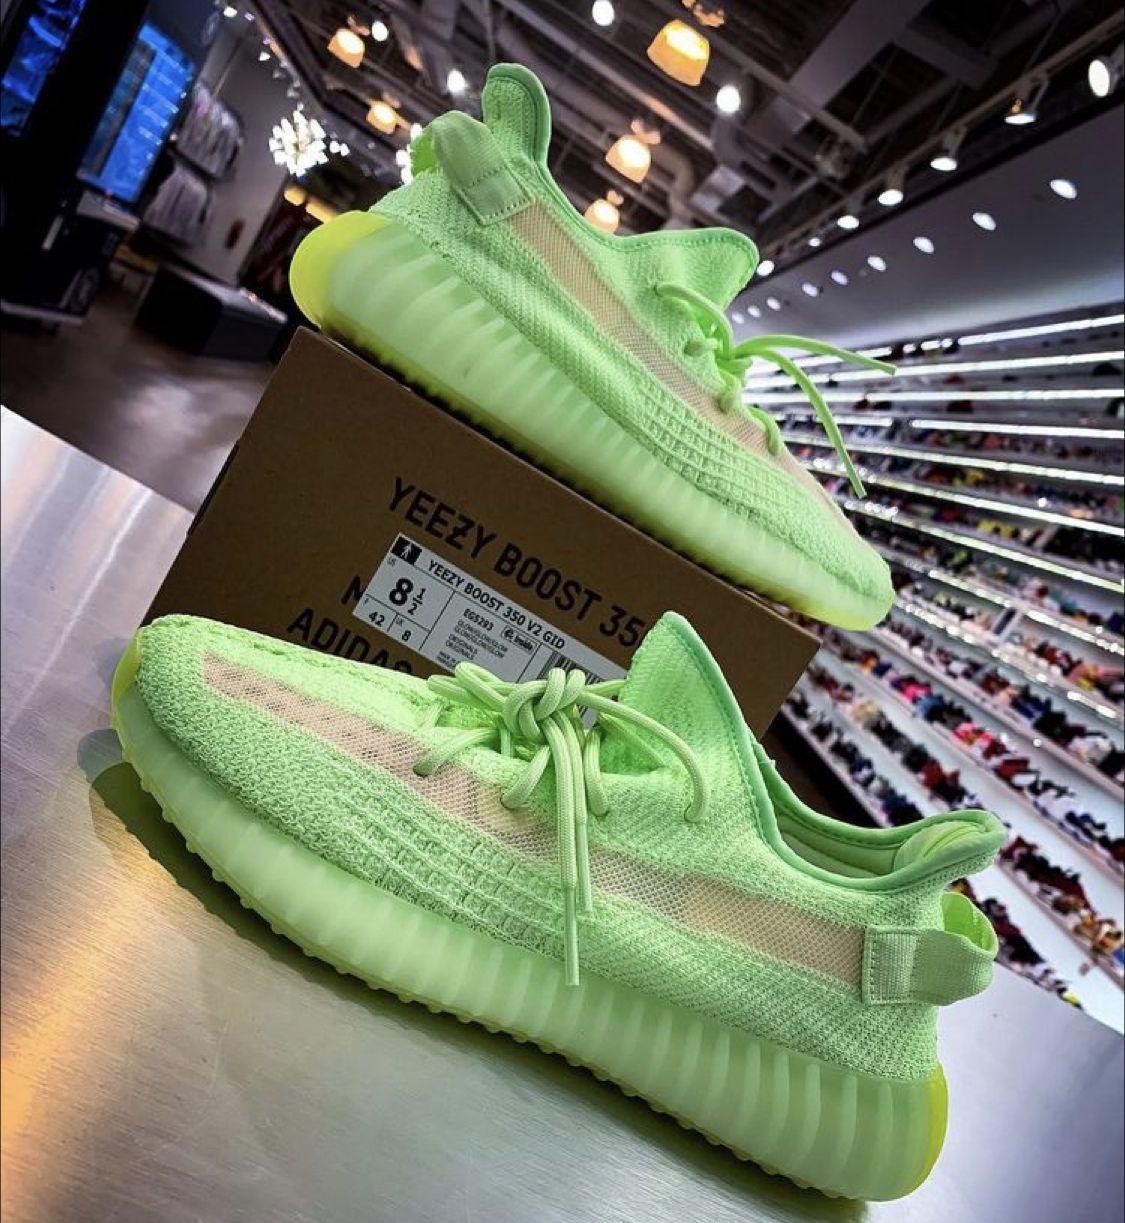 Adidas yeezy boost, Adidas fashion shoes